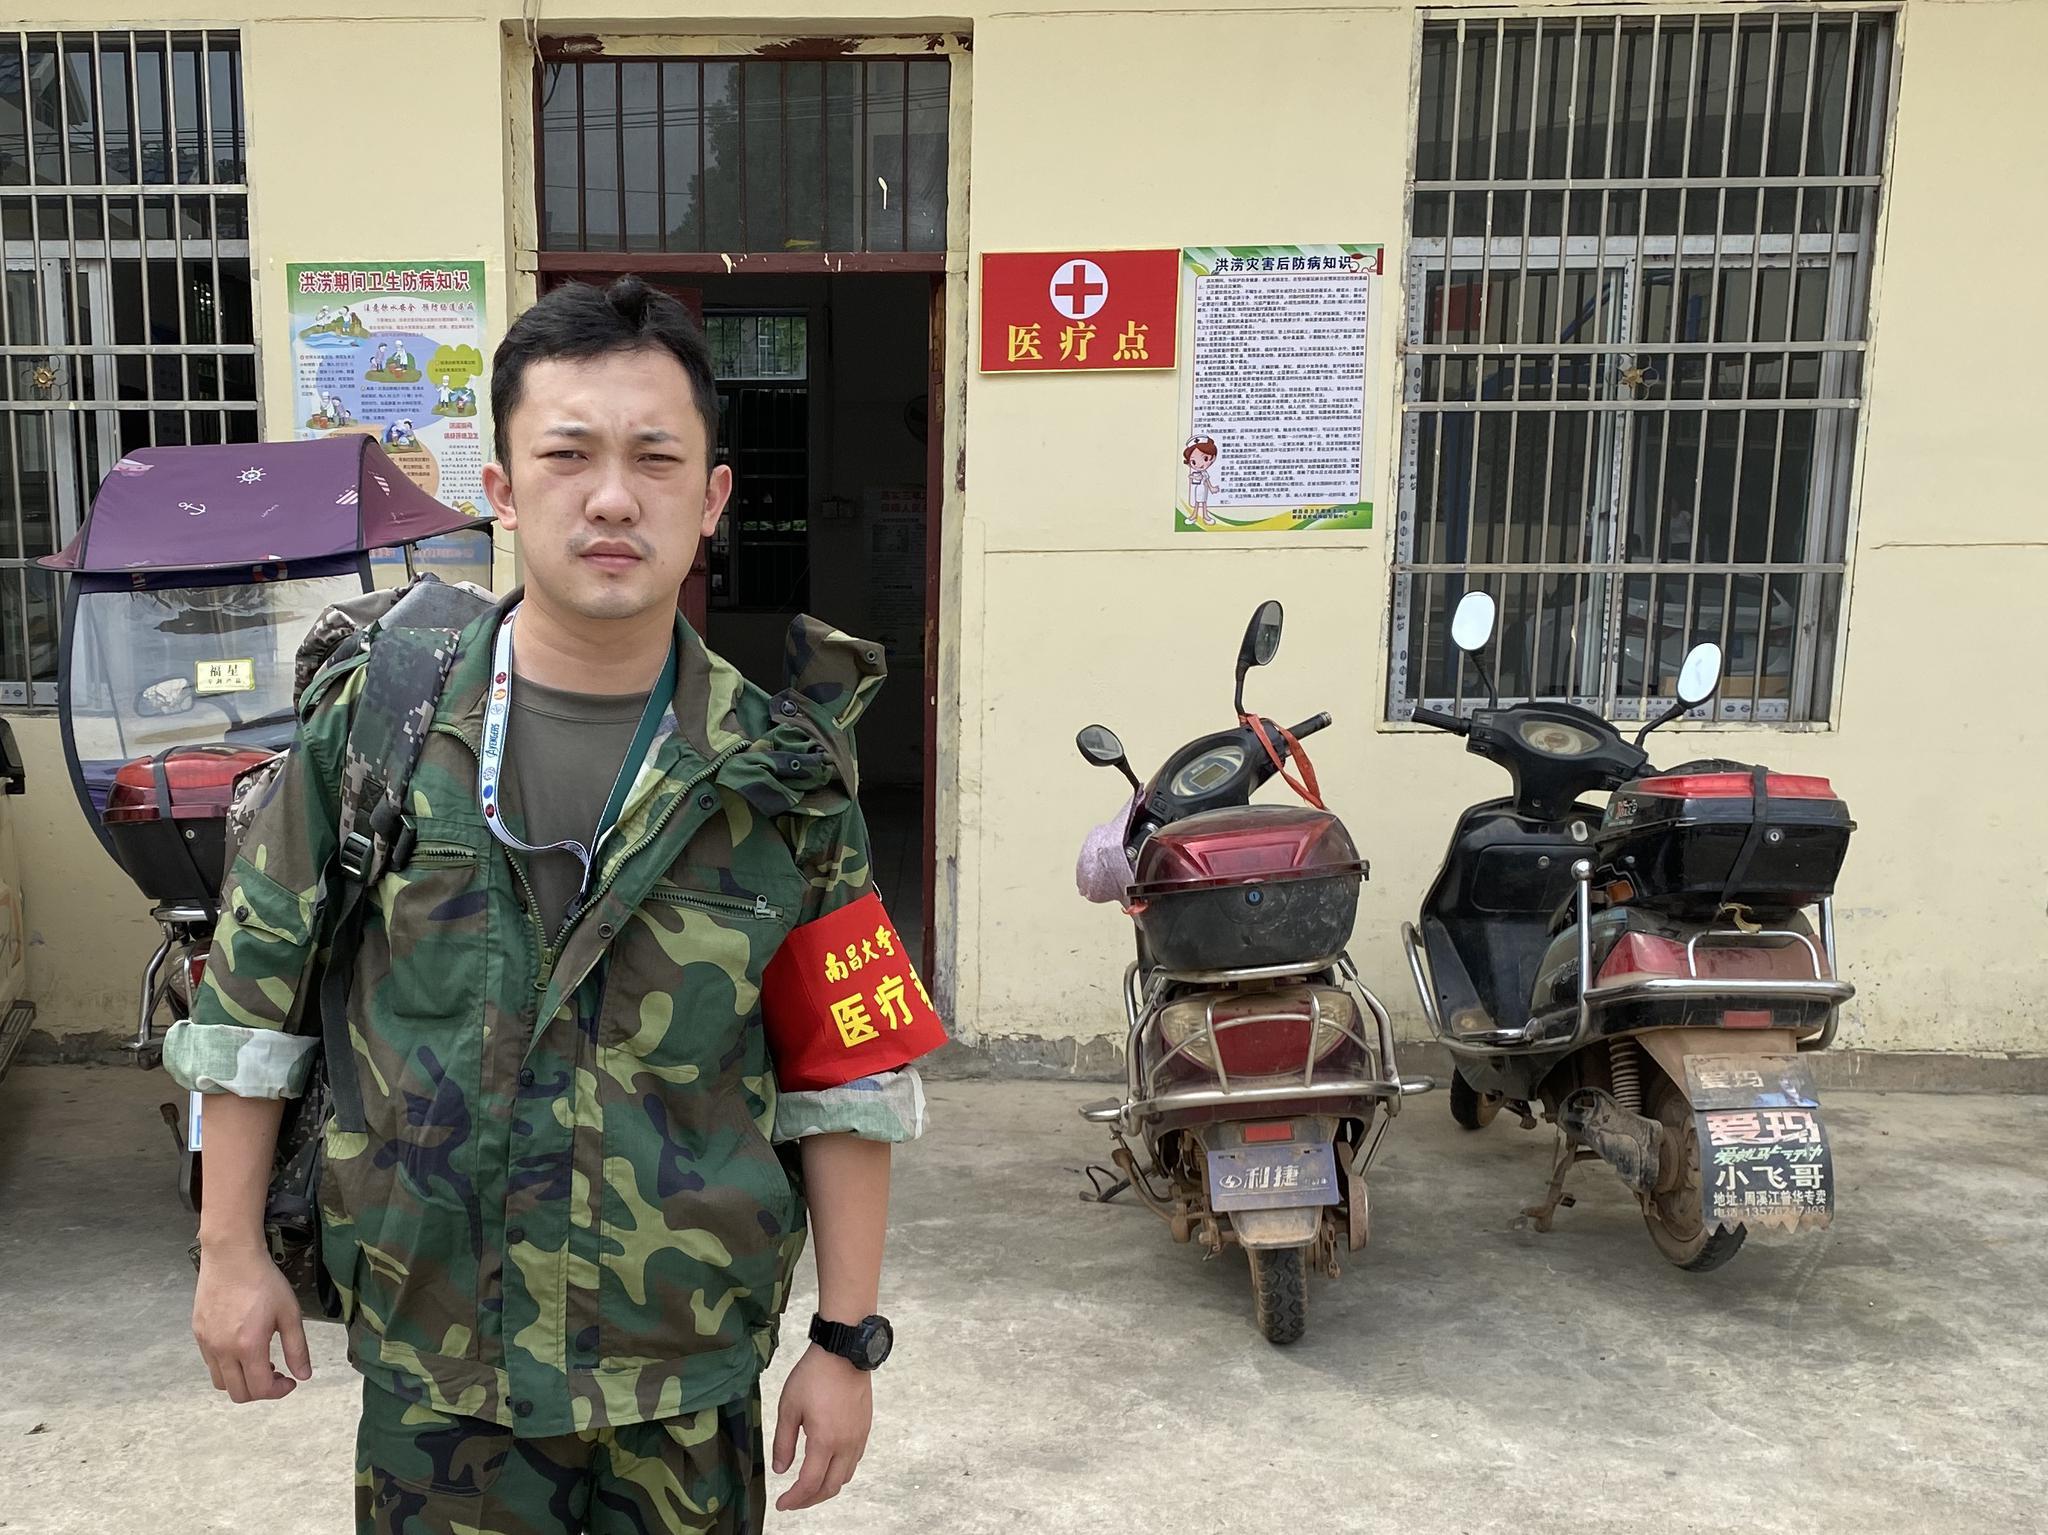 帕让甘鹏燃此次到抗洪一线被任命为副队长,他觉得责任重大。 受访者供图